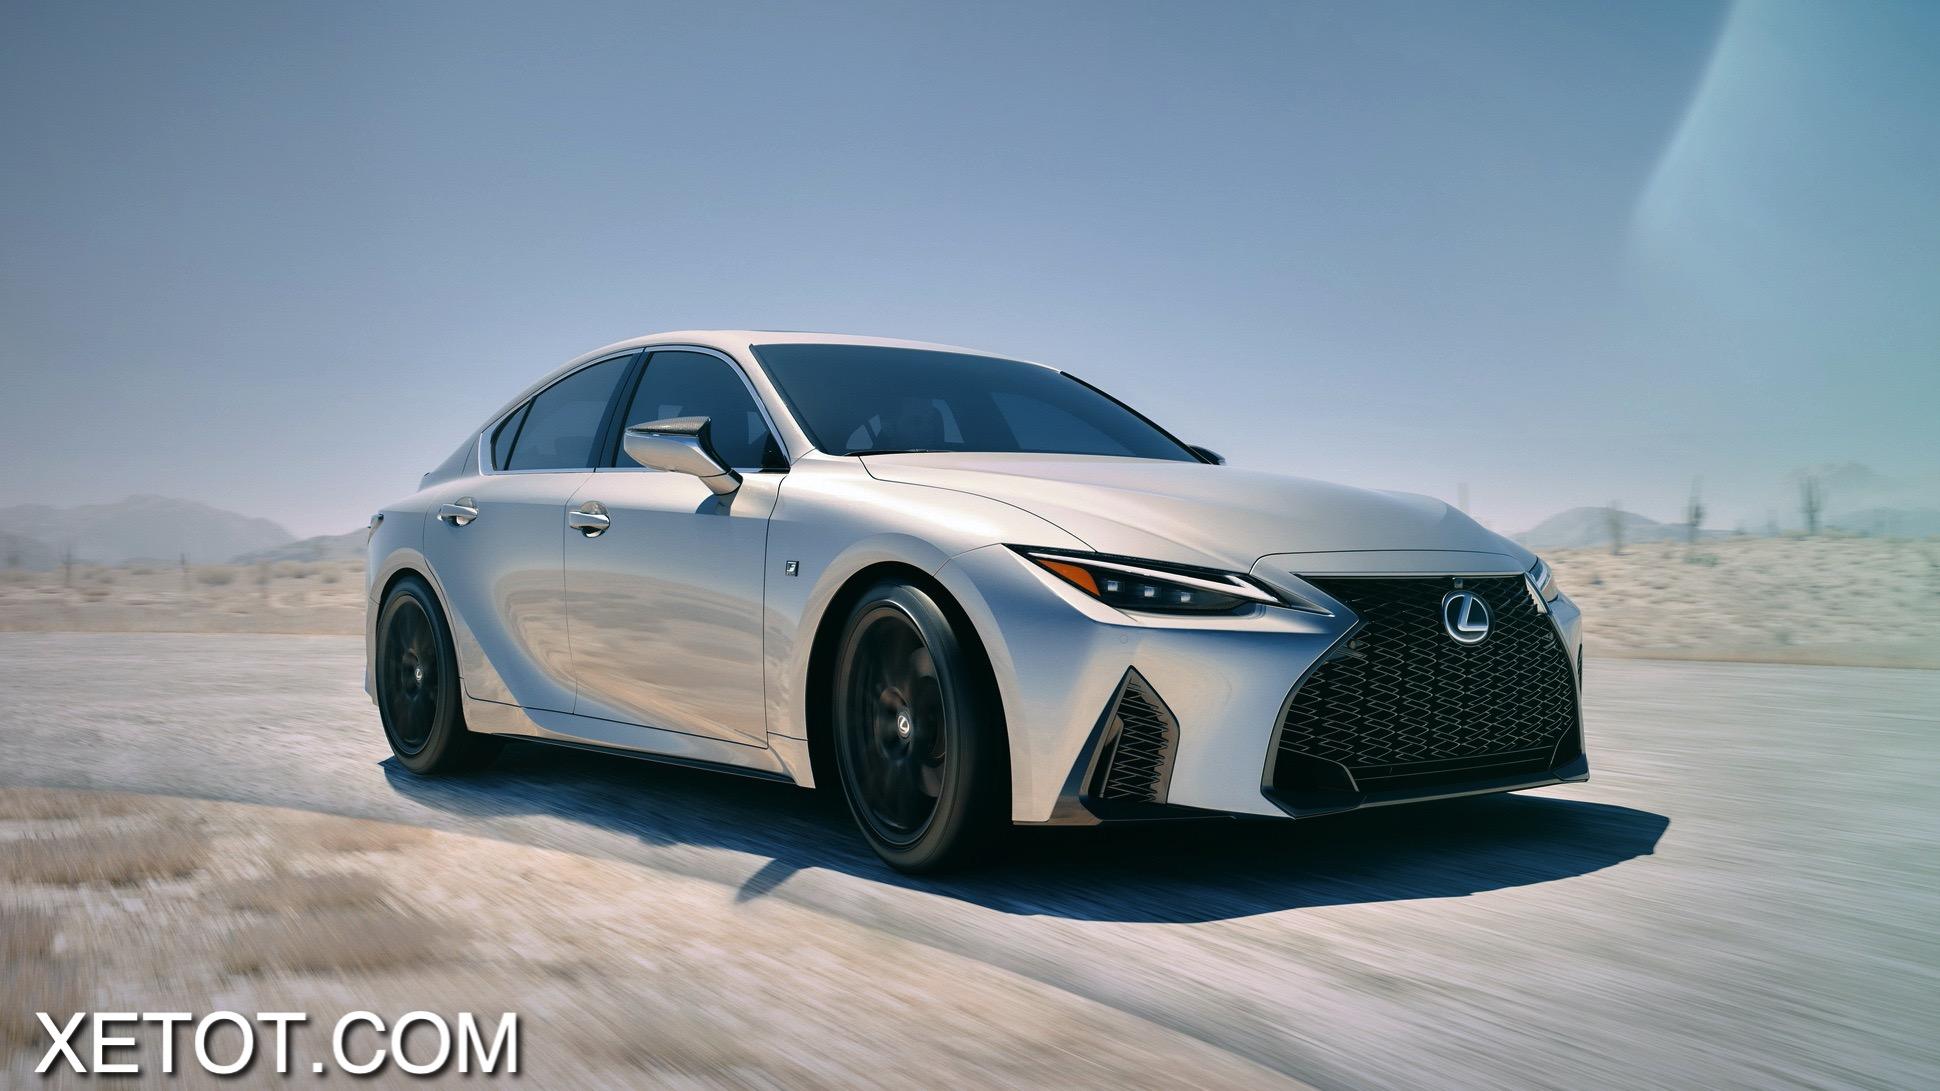 danh-gia-xe-Lexus-IS-2021-xetot-com